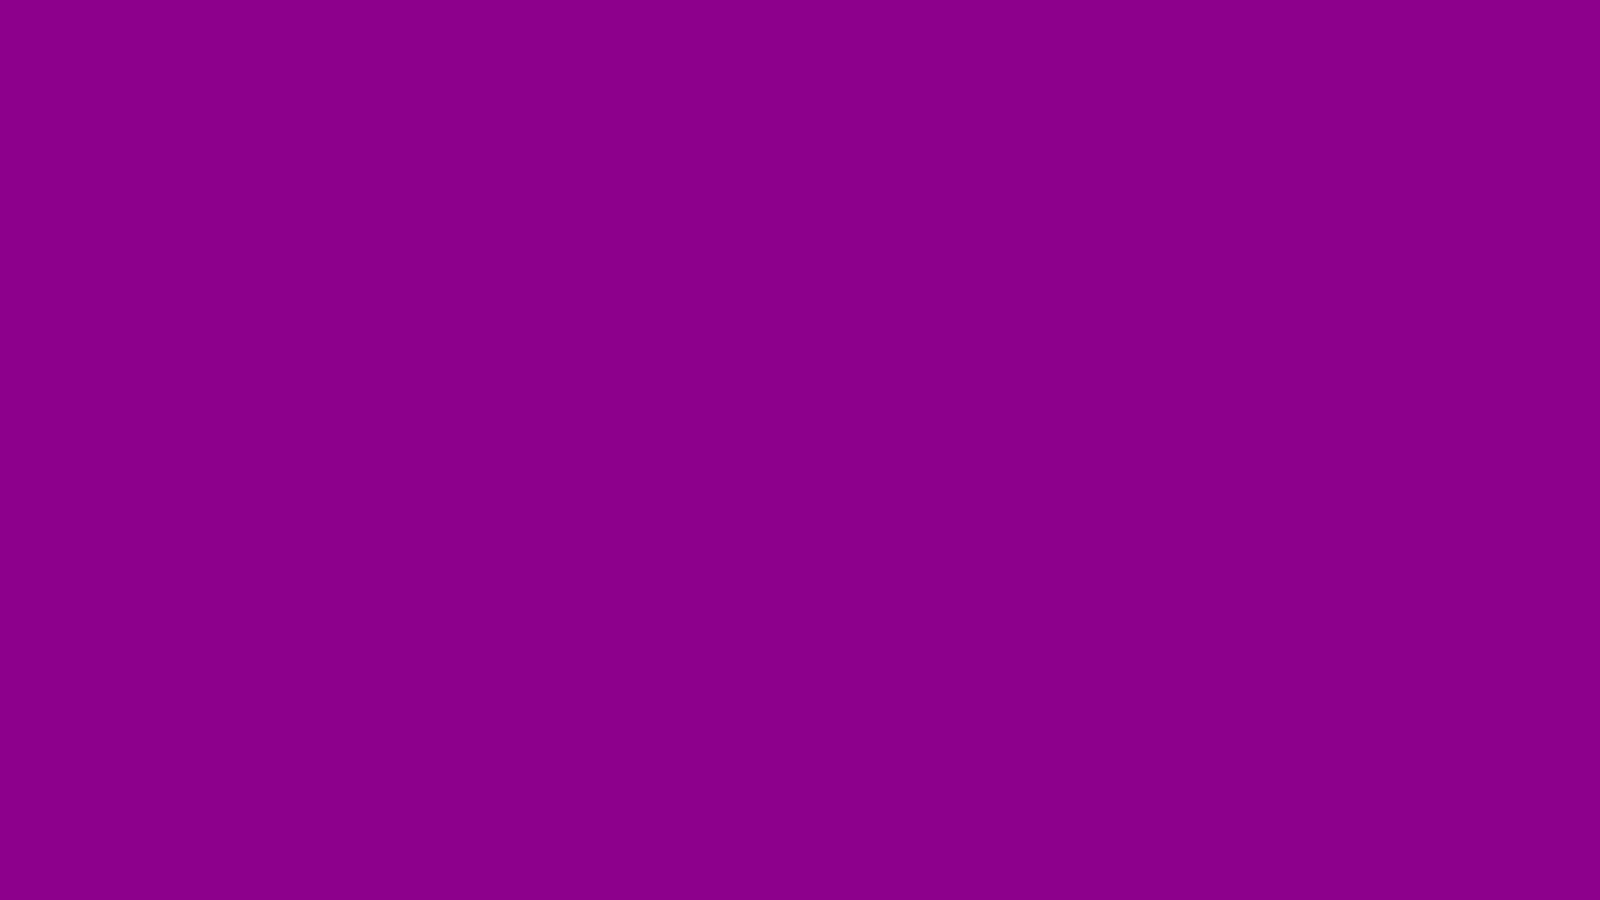 1600x900 Dark Magenta Solid Color Background